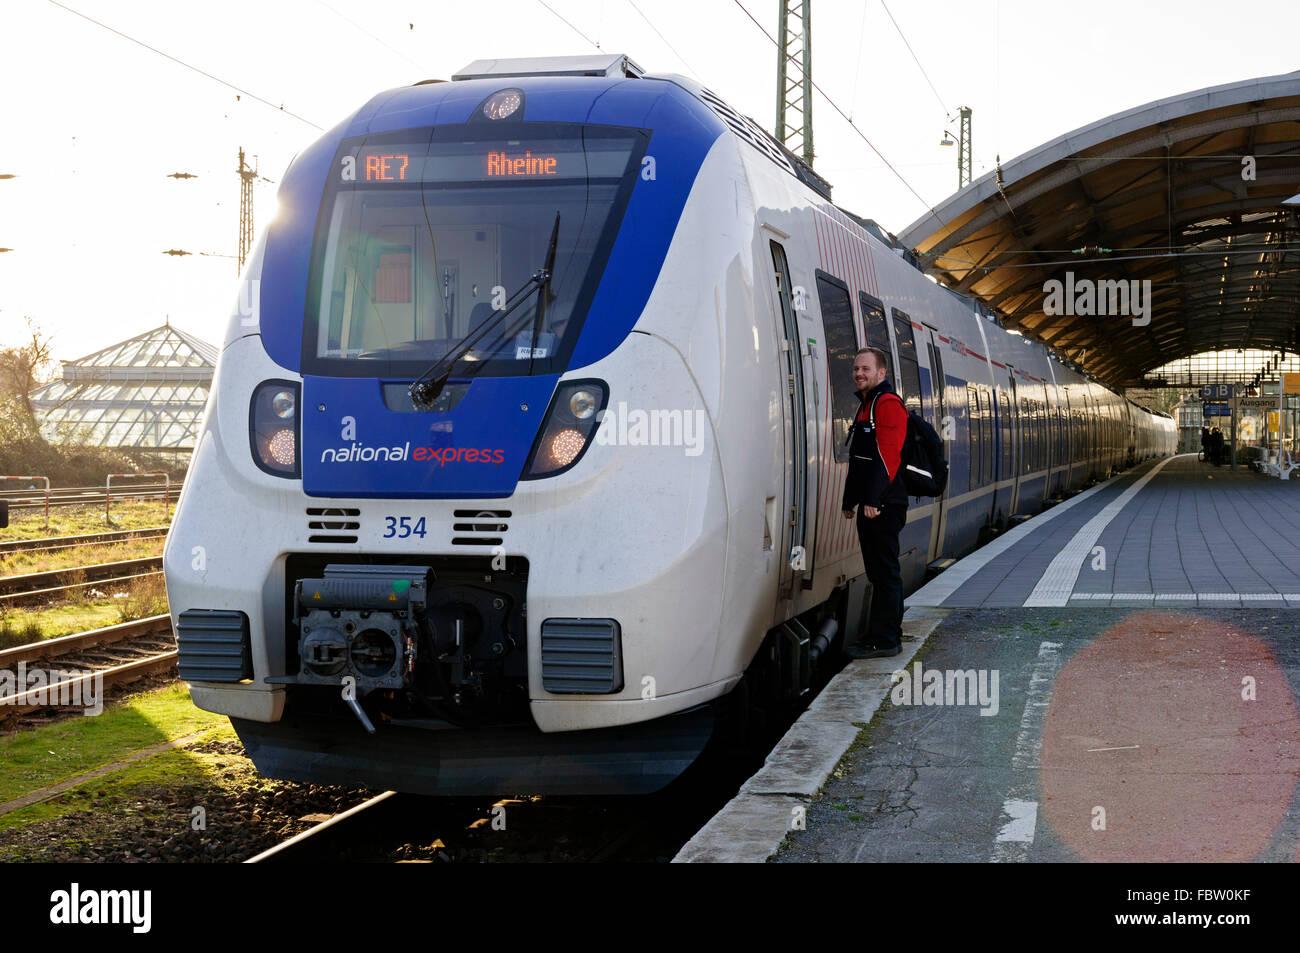 National Express Talent EMU Zug in Krefeld auf RE7 Service für Reine, Deutschland. Stockbild